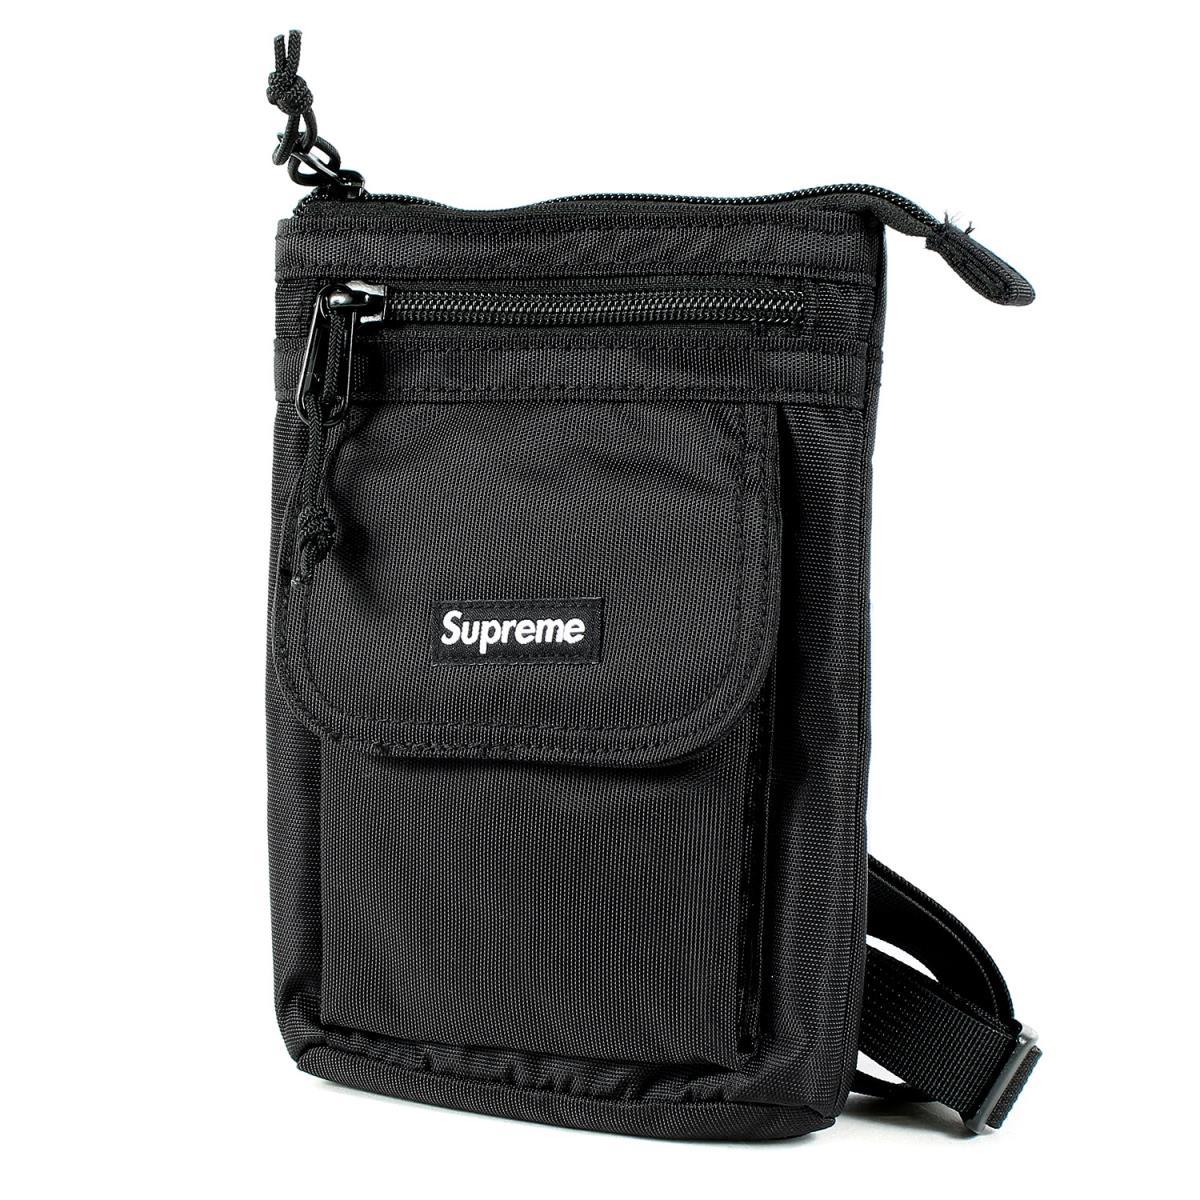 Supreme シュプリーム バッグ 19AW カラビナ コーデュラ ナイロン ショルダーバッグ Shoulder Bag ブラック 【メンズ】【中古】【新品同様】【K2444】【あす楽☆対応可】